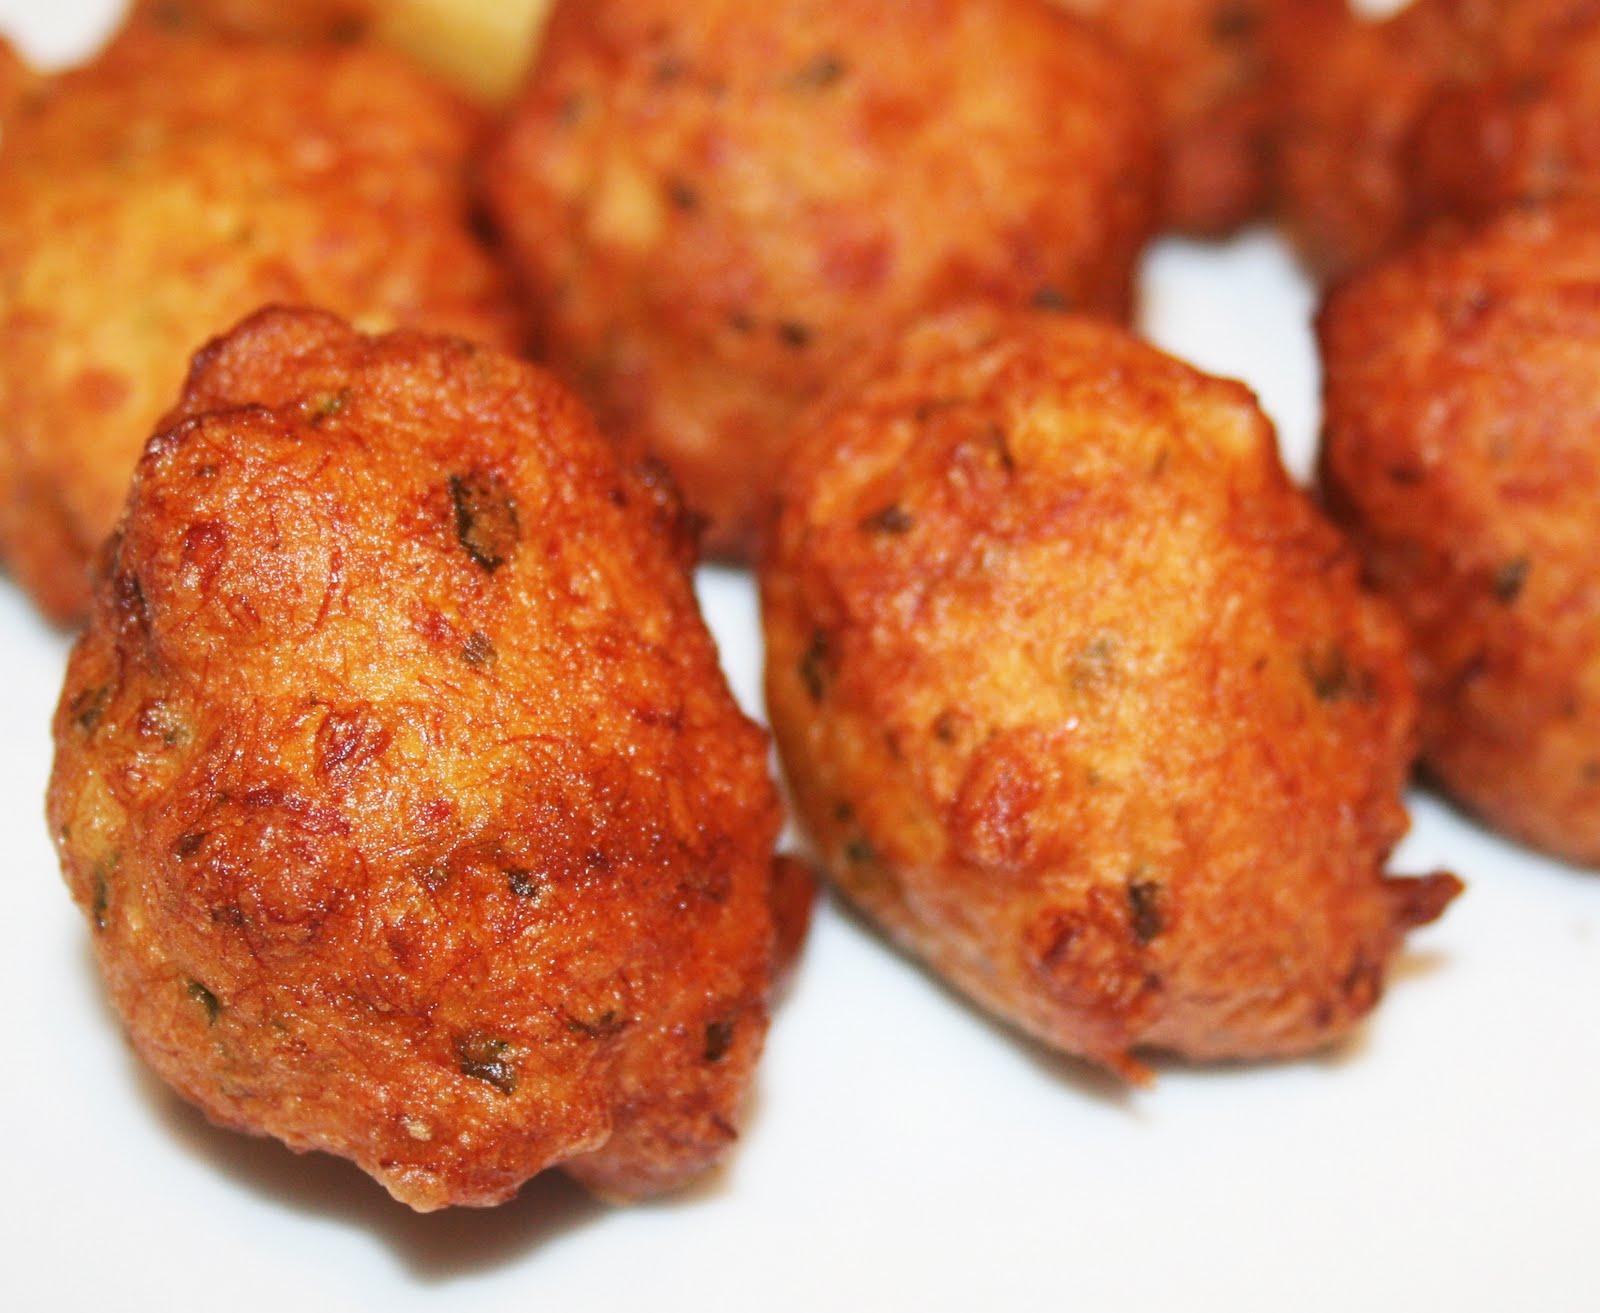 la cuisine de bernard : index des recettes salées avec photo